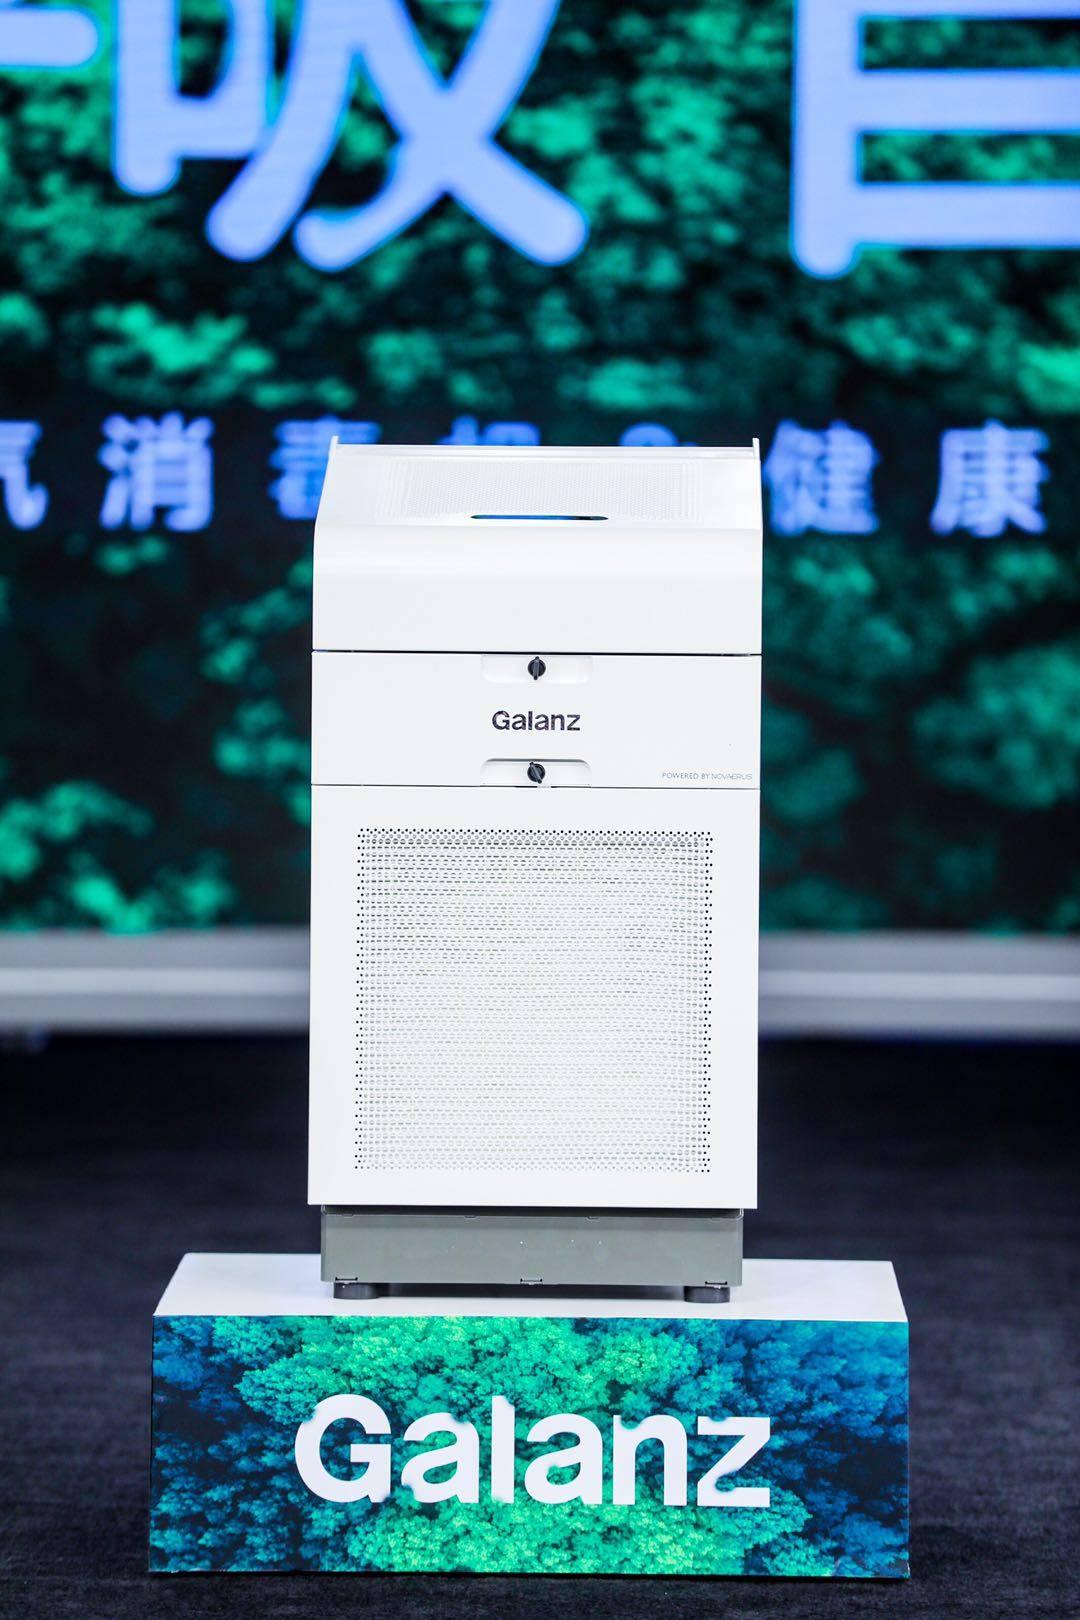 """健康家电再添重器,""""病毒终结者""""格兰仕GZ20全球首发"""